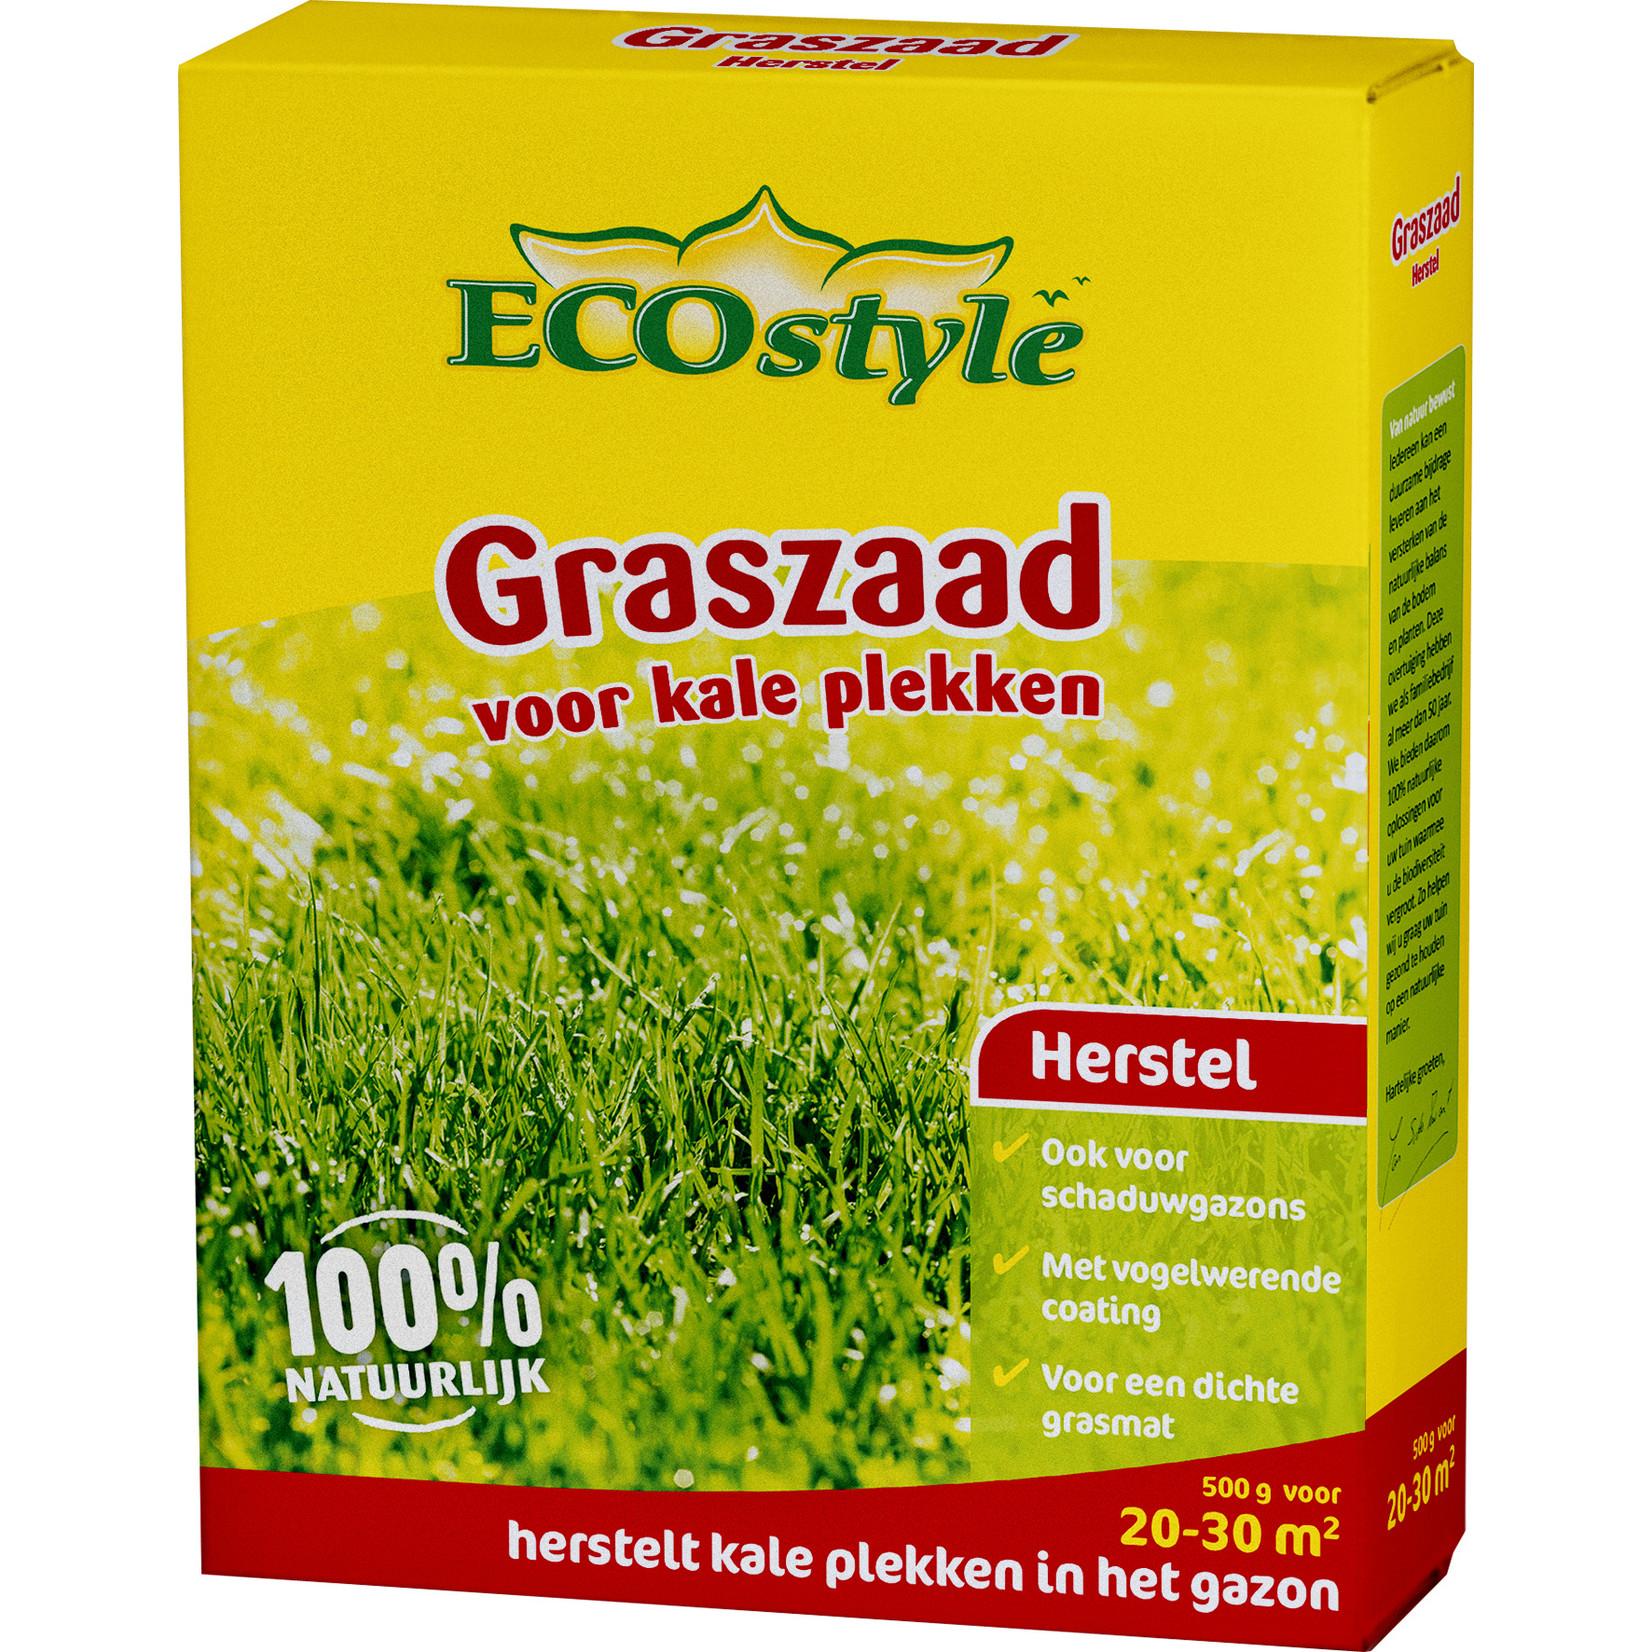 Ecostyle Graszaad-Herstel 500 gram (20-30 m²) voor kale plekken